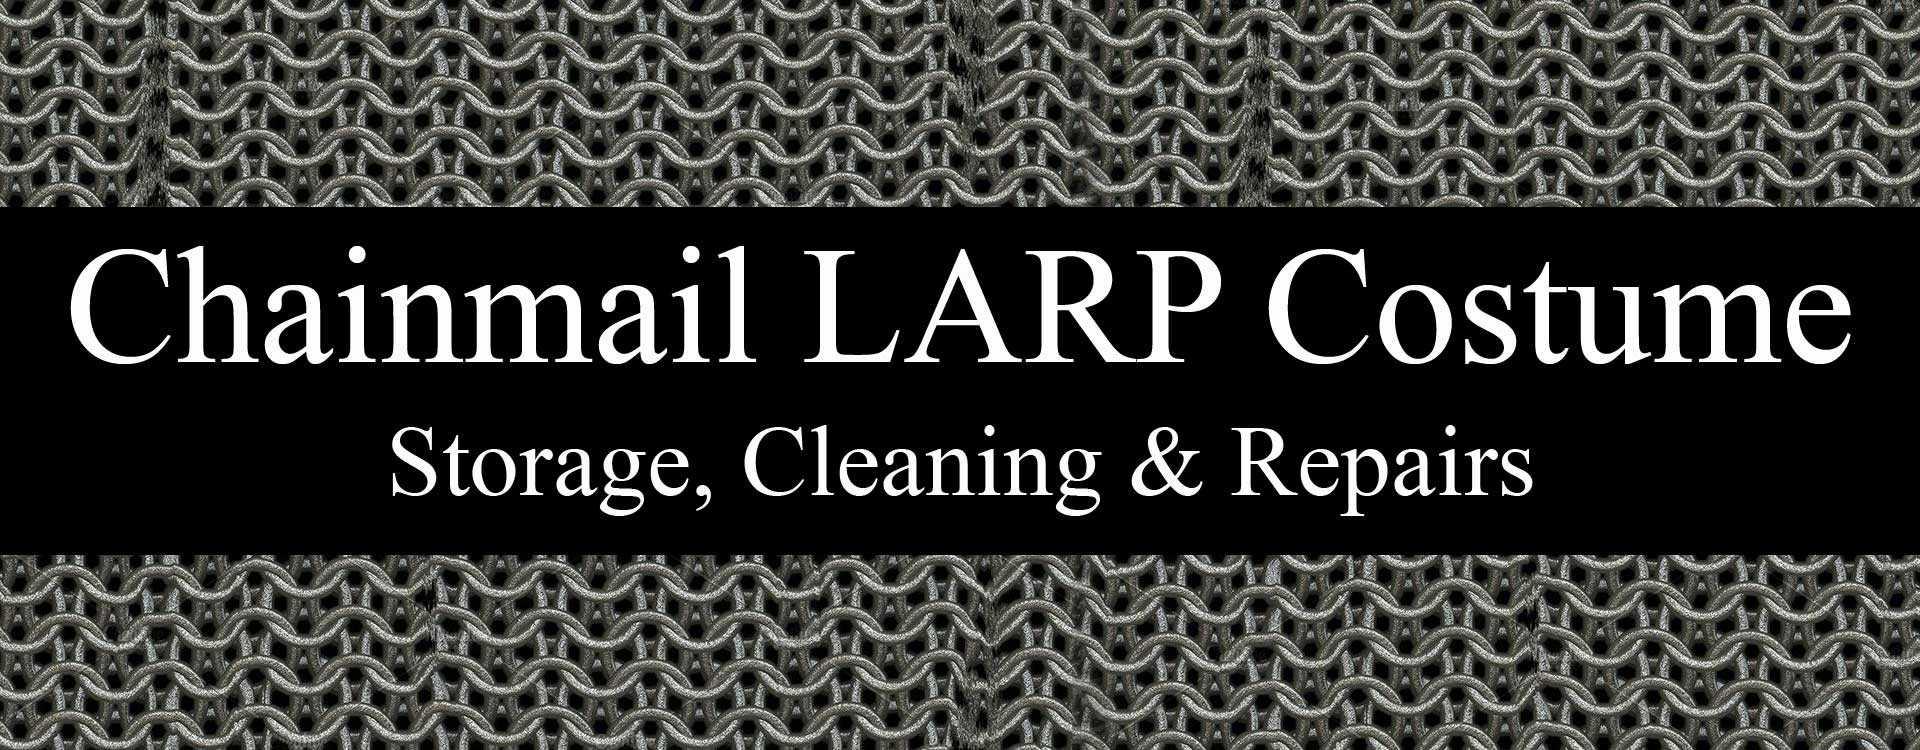 LARP Chainmail Maintenance, Storage & Repairs